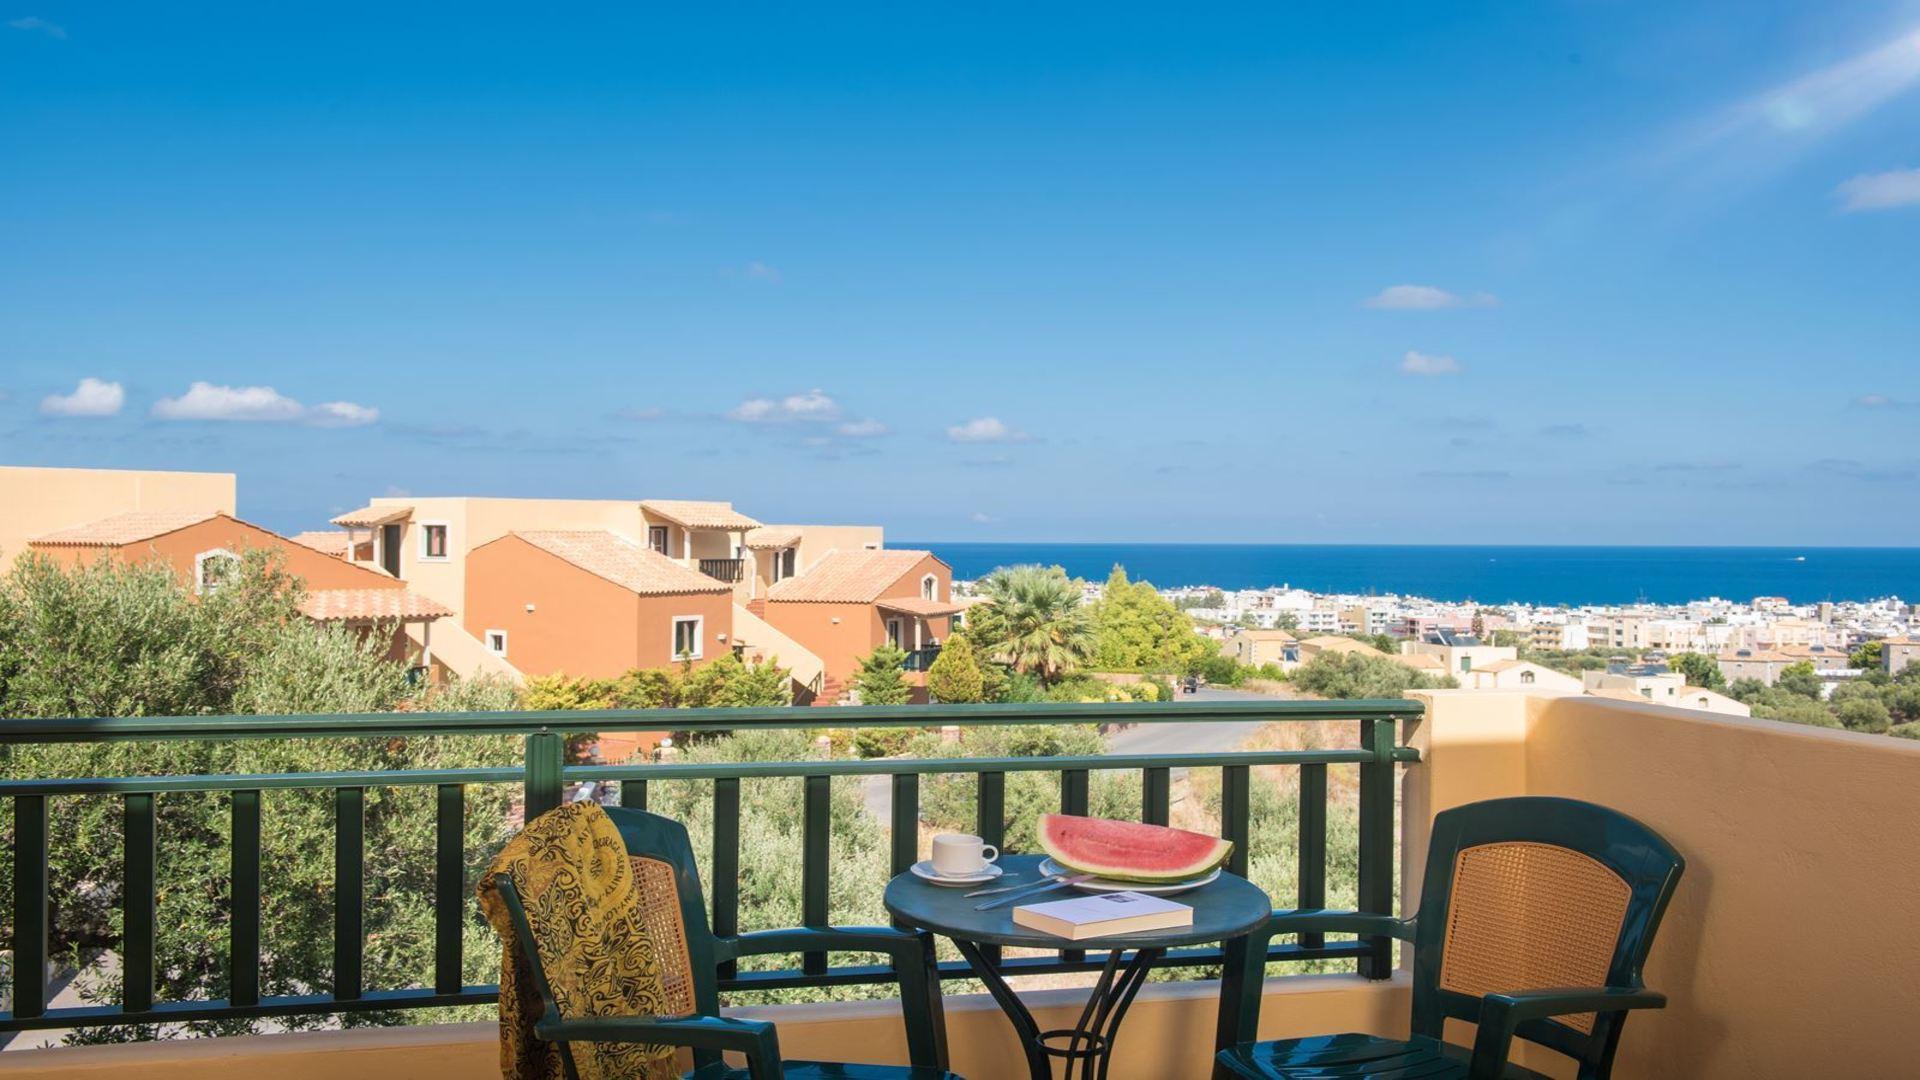 Balkon van kamer in Dia Residence, Piskopiano, Kreta, Griekenland